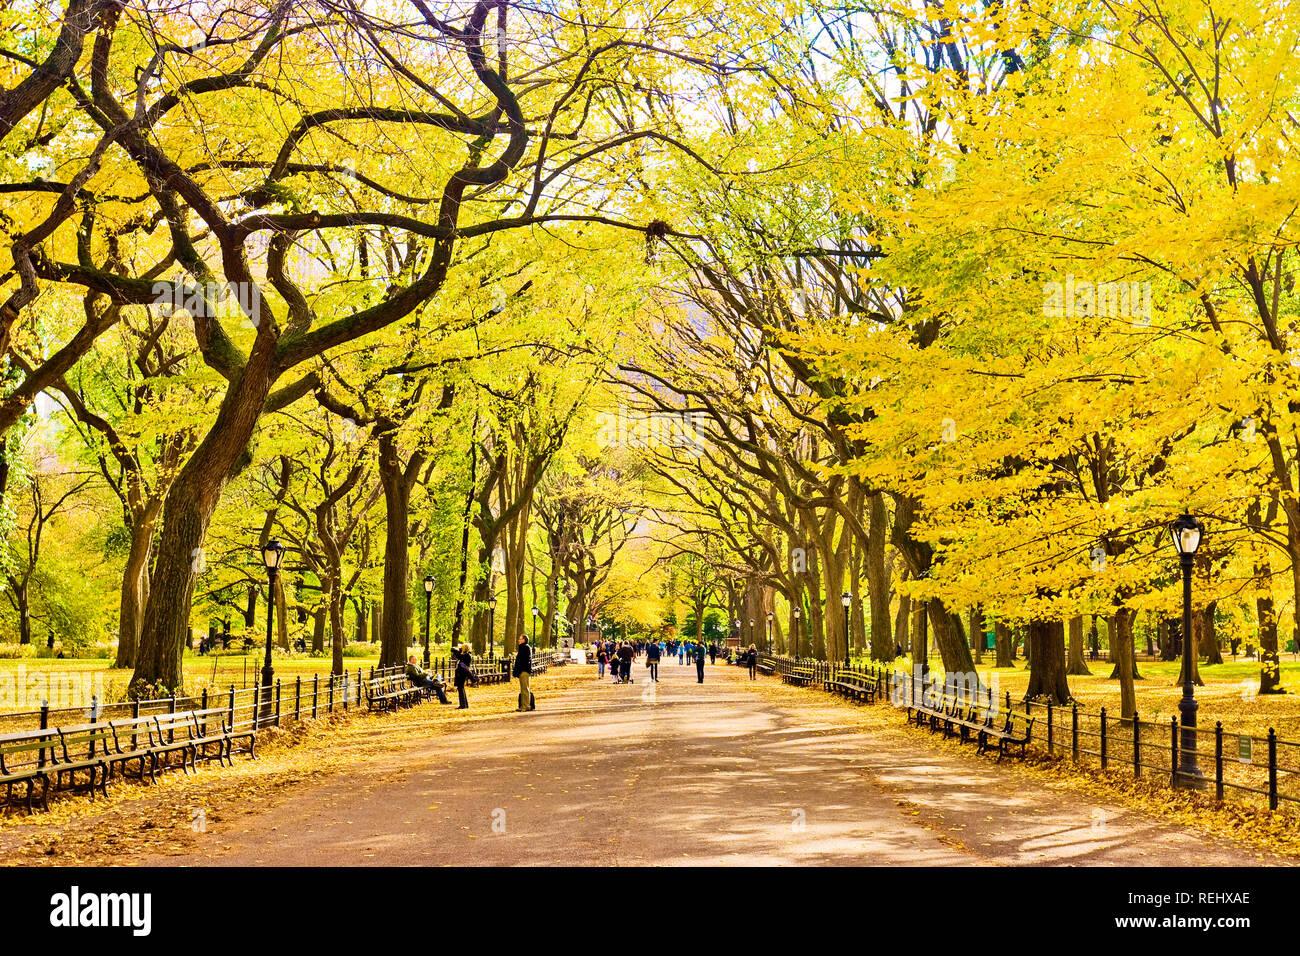 Die Mall Central Park Herbst New York City Stockbild